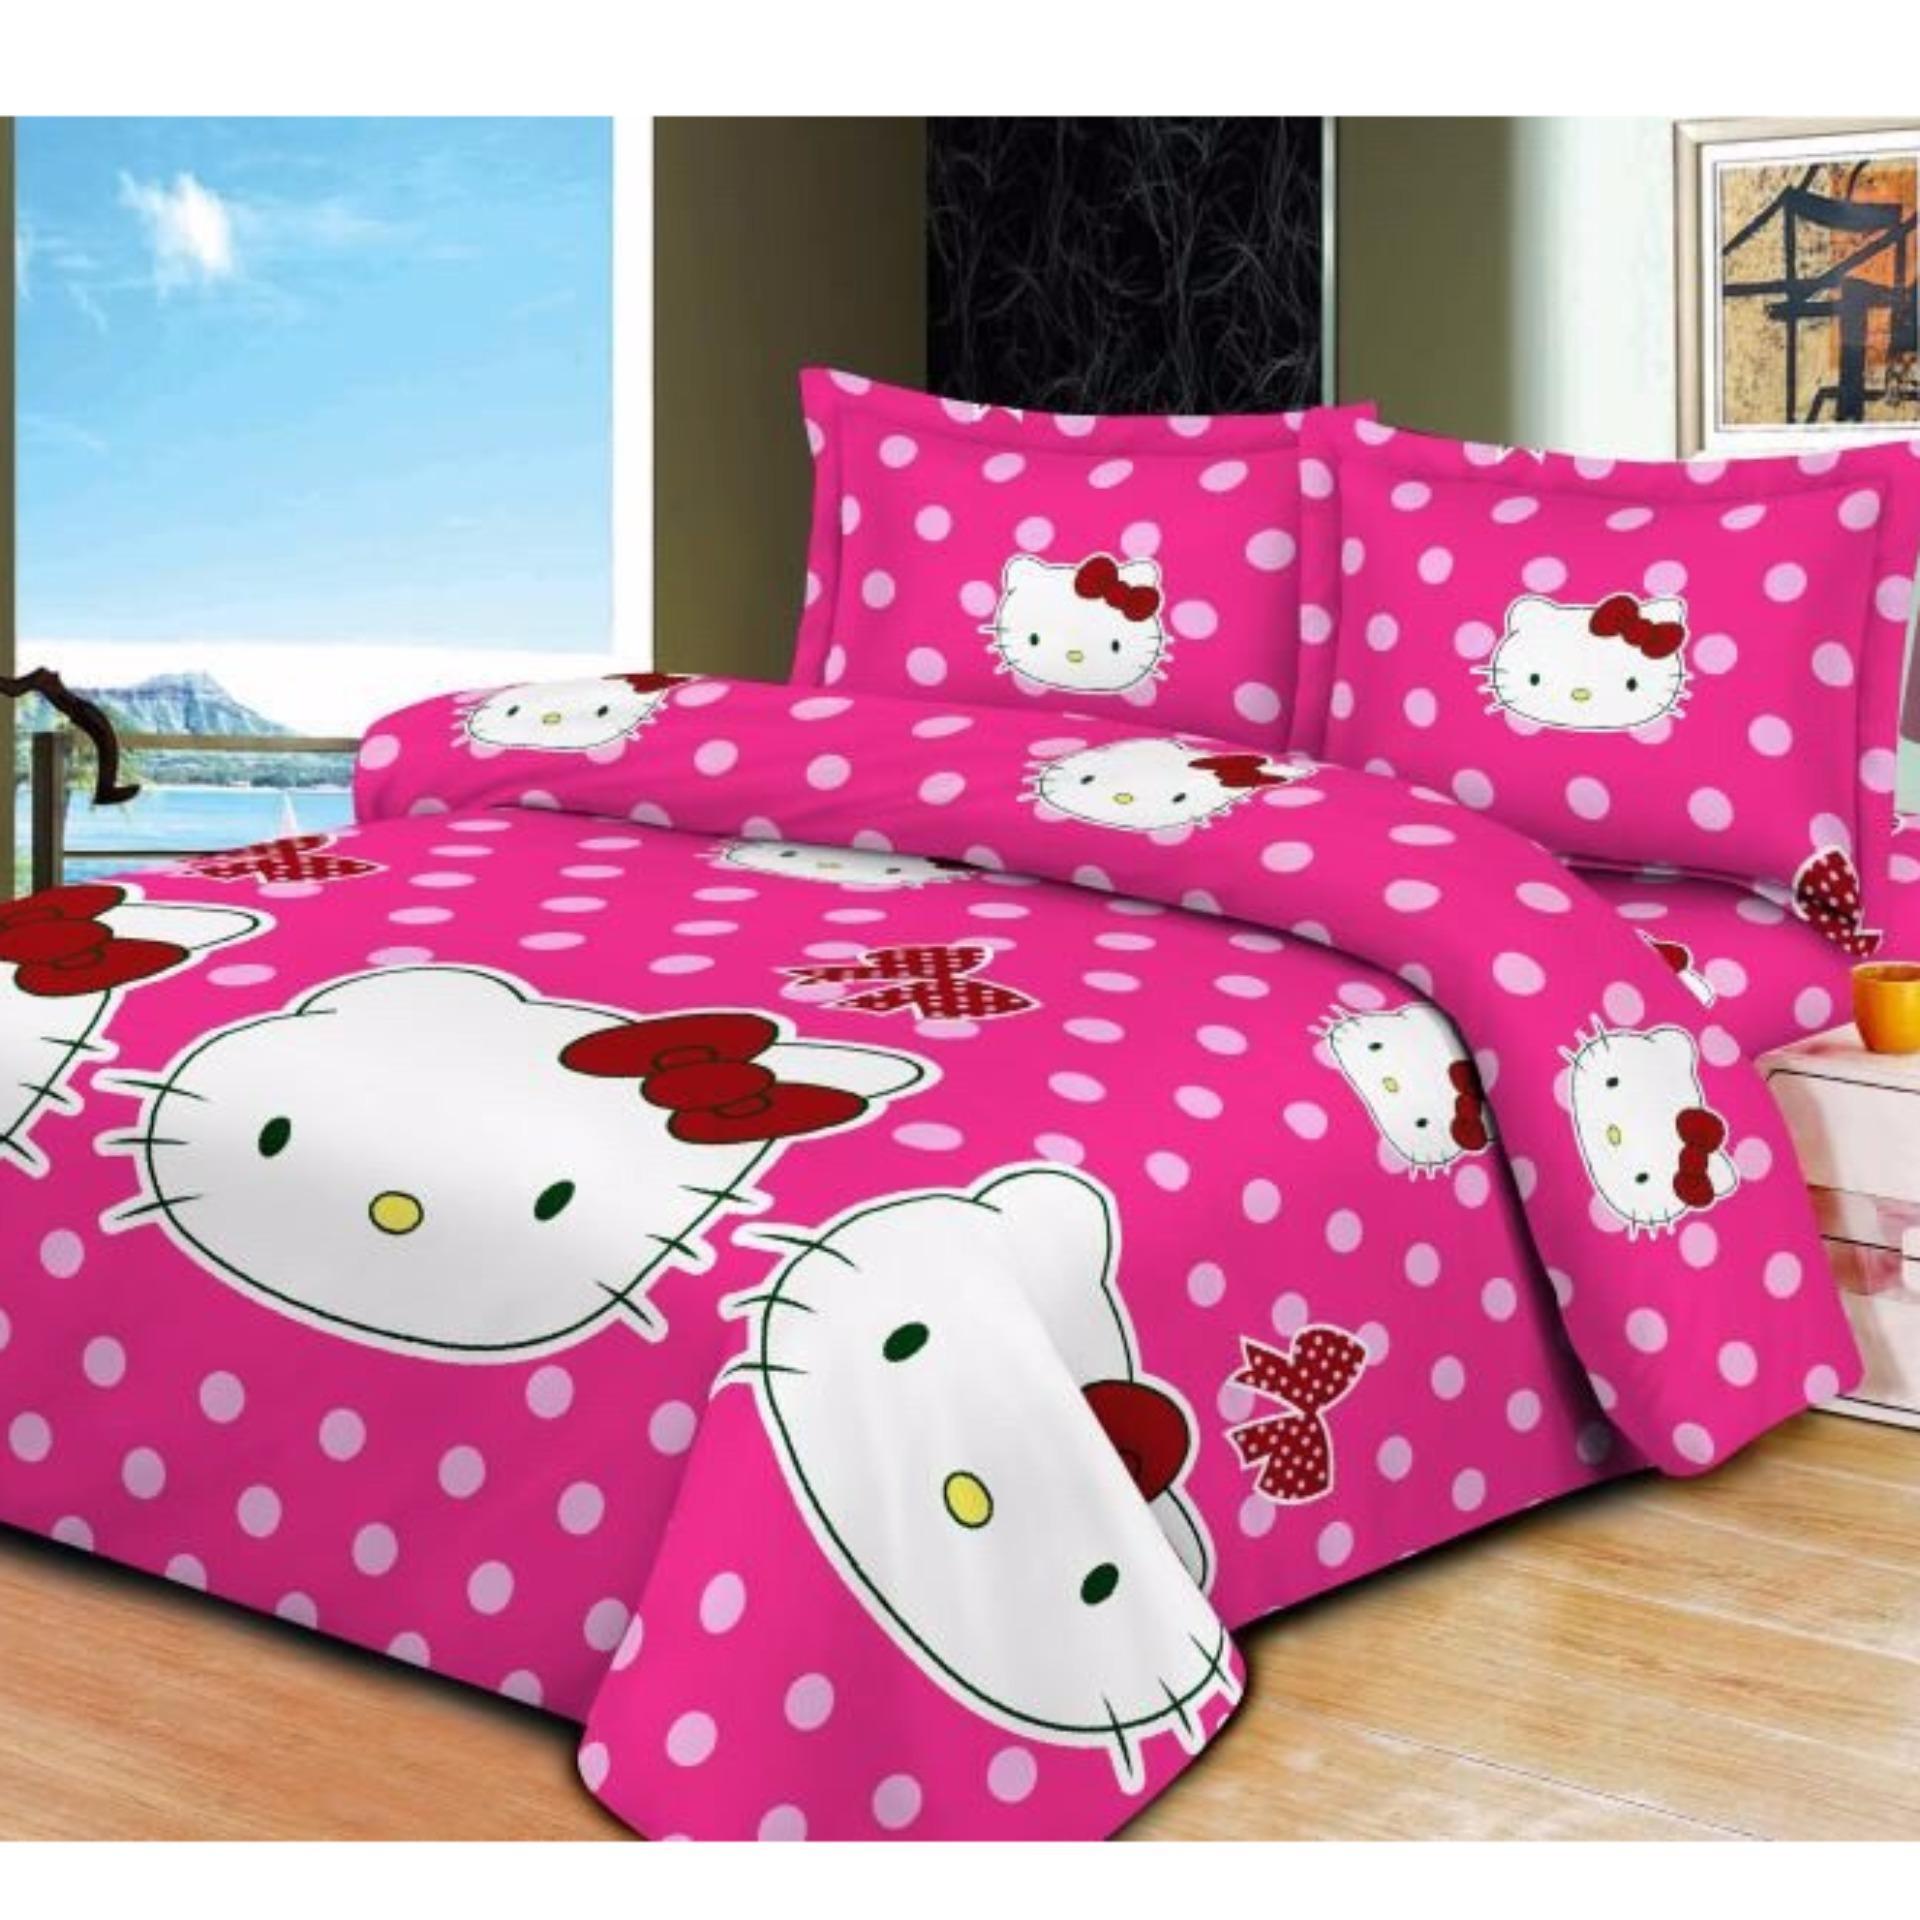 Bộ ga giường và 2 áo gối kitty Bi Hồng kích thước 160x200